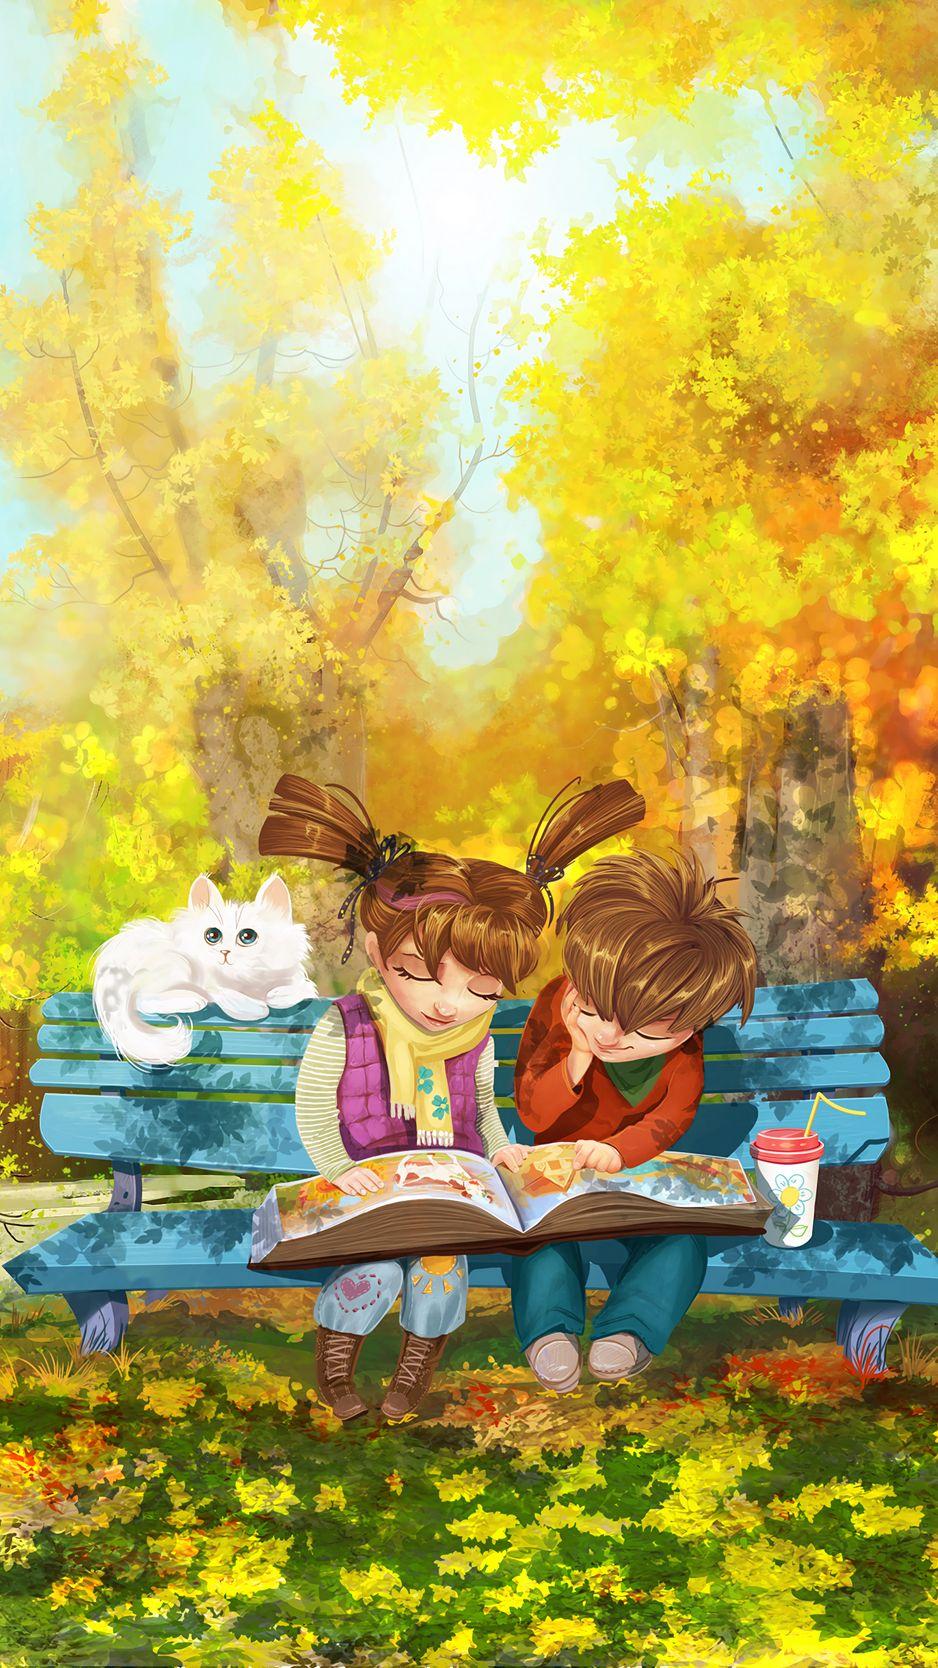 938x1668 Wallpaper boy, girl, cat, bench, park, cute